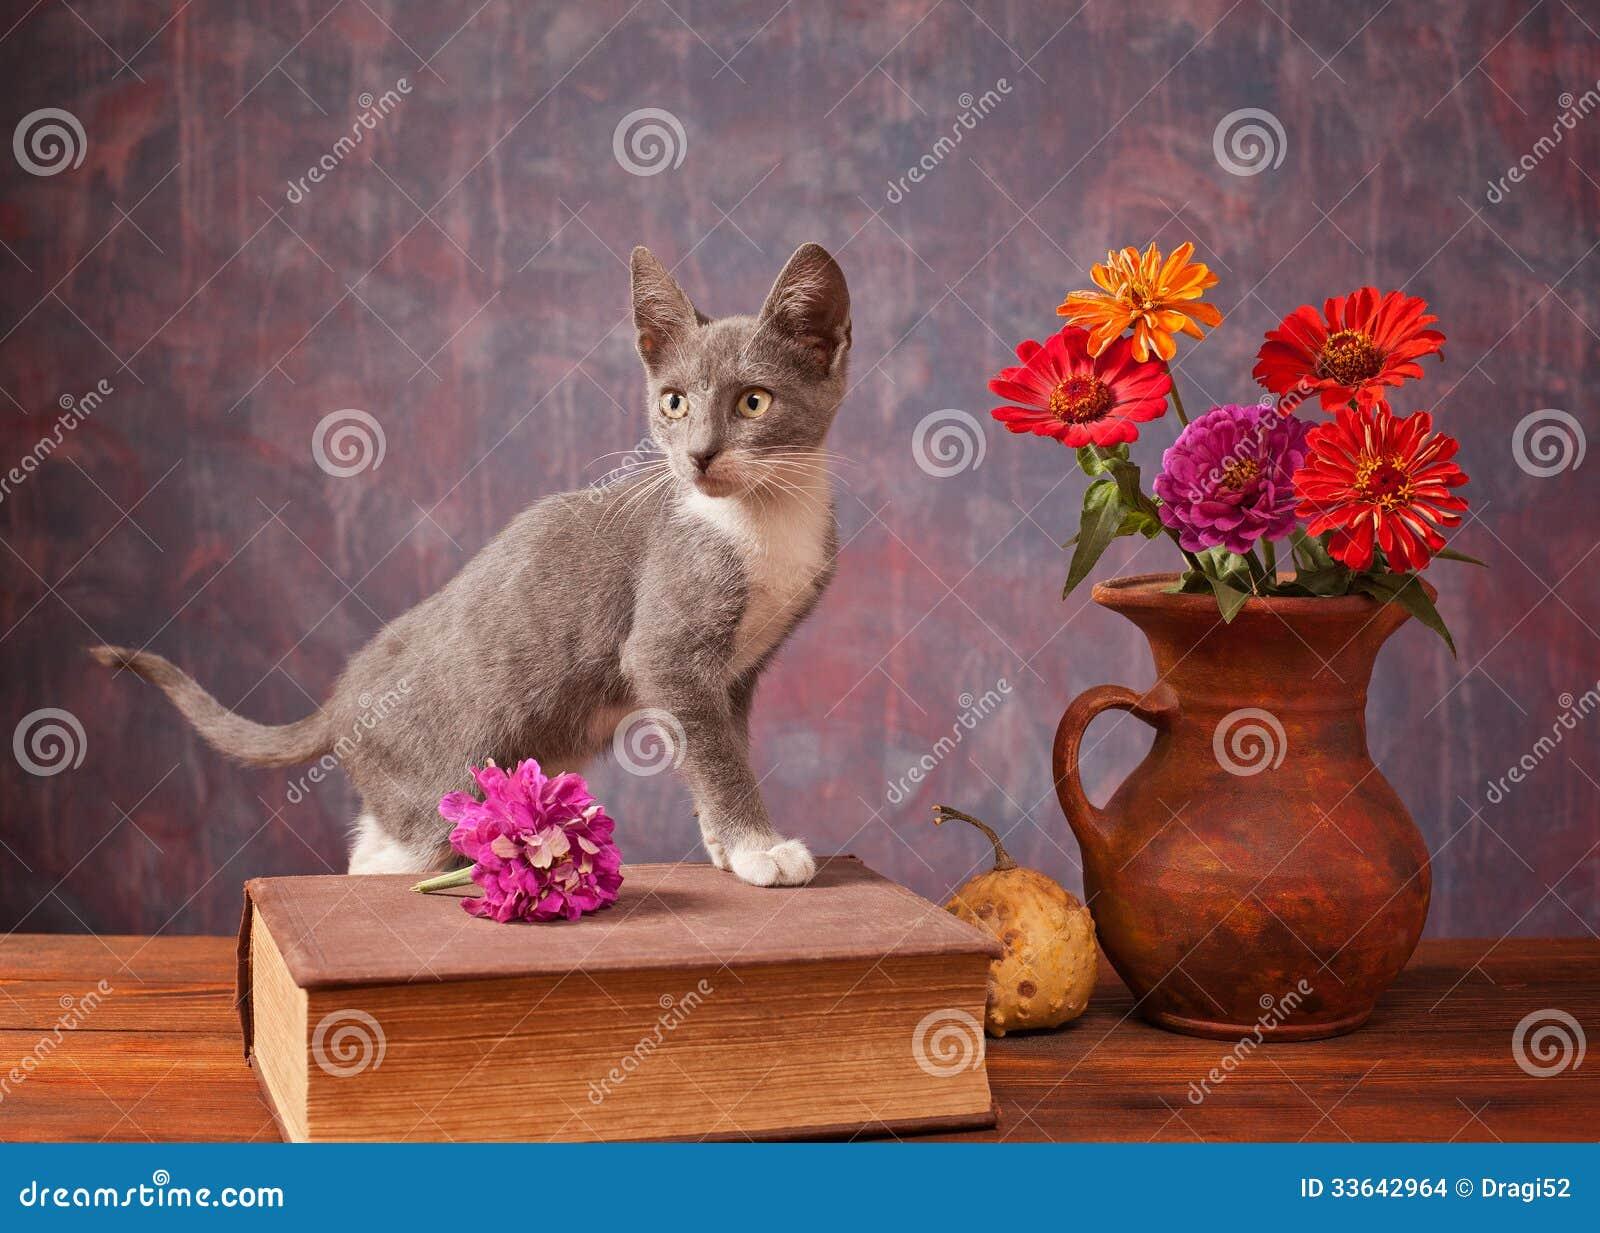 Kot pozuje obok kwiatów